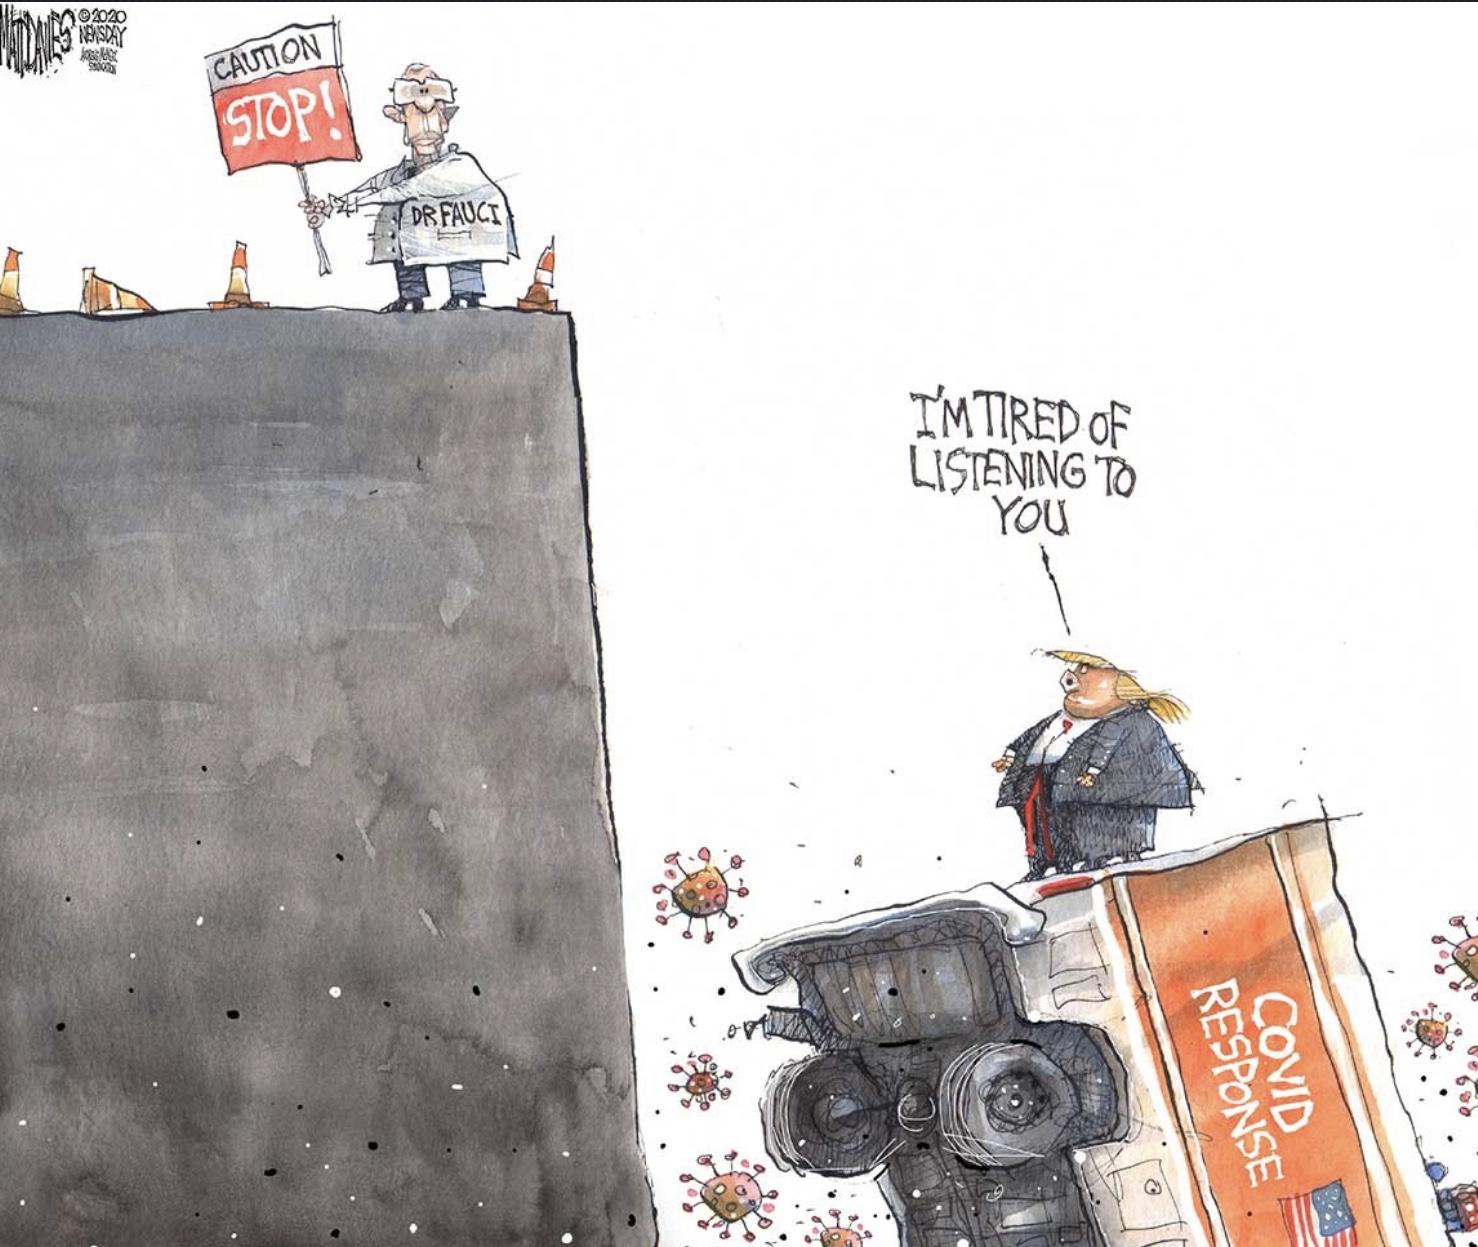 Political cartoons - the 'funny' pics thread.-6bdc5247-fb6d-497e-9710-90a942a0ae6f-jpeg